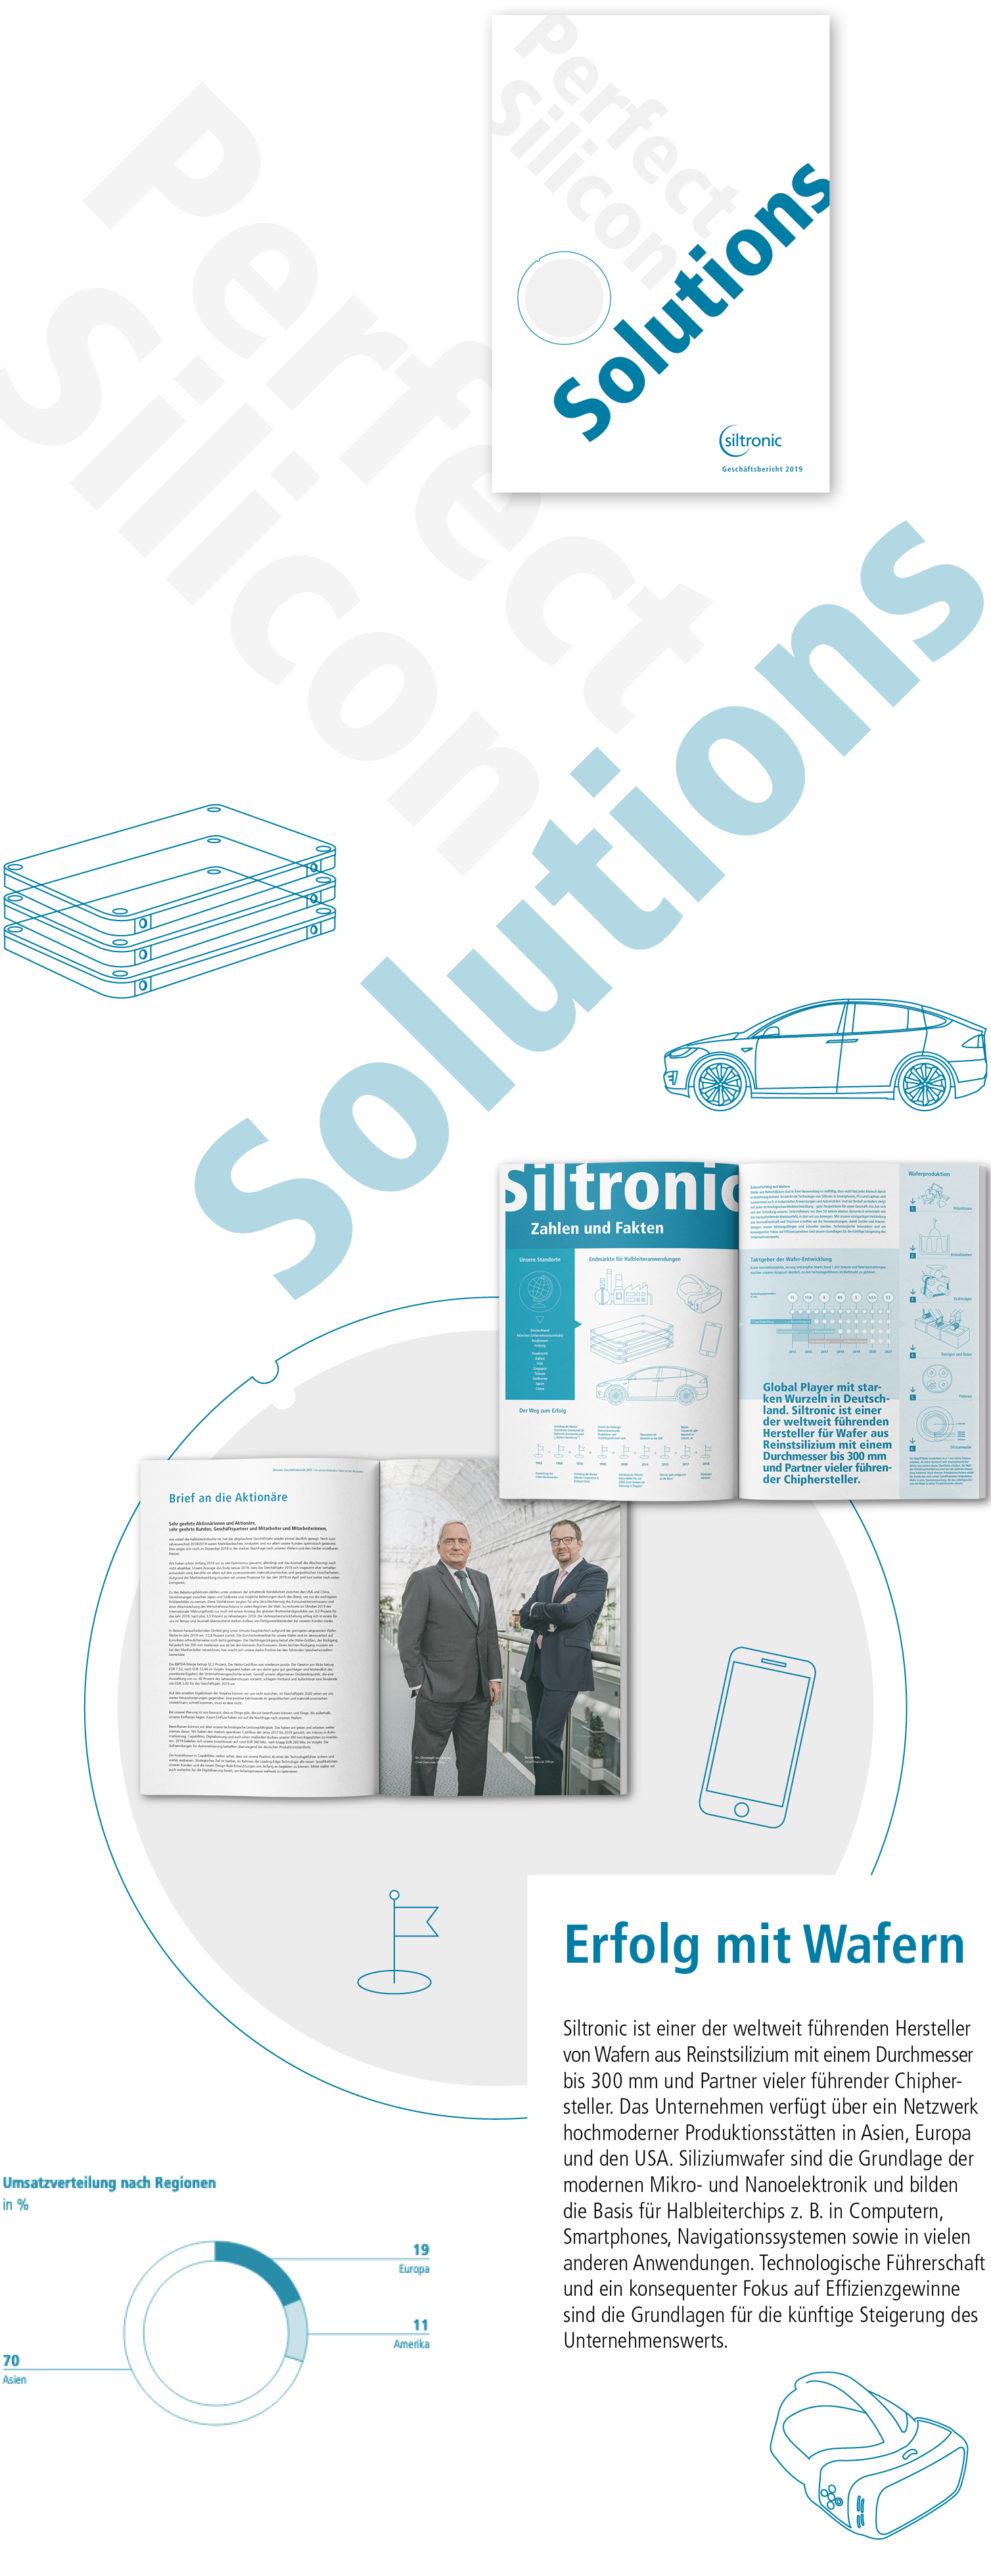 Siltronic Geschäftsbericht 2019